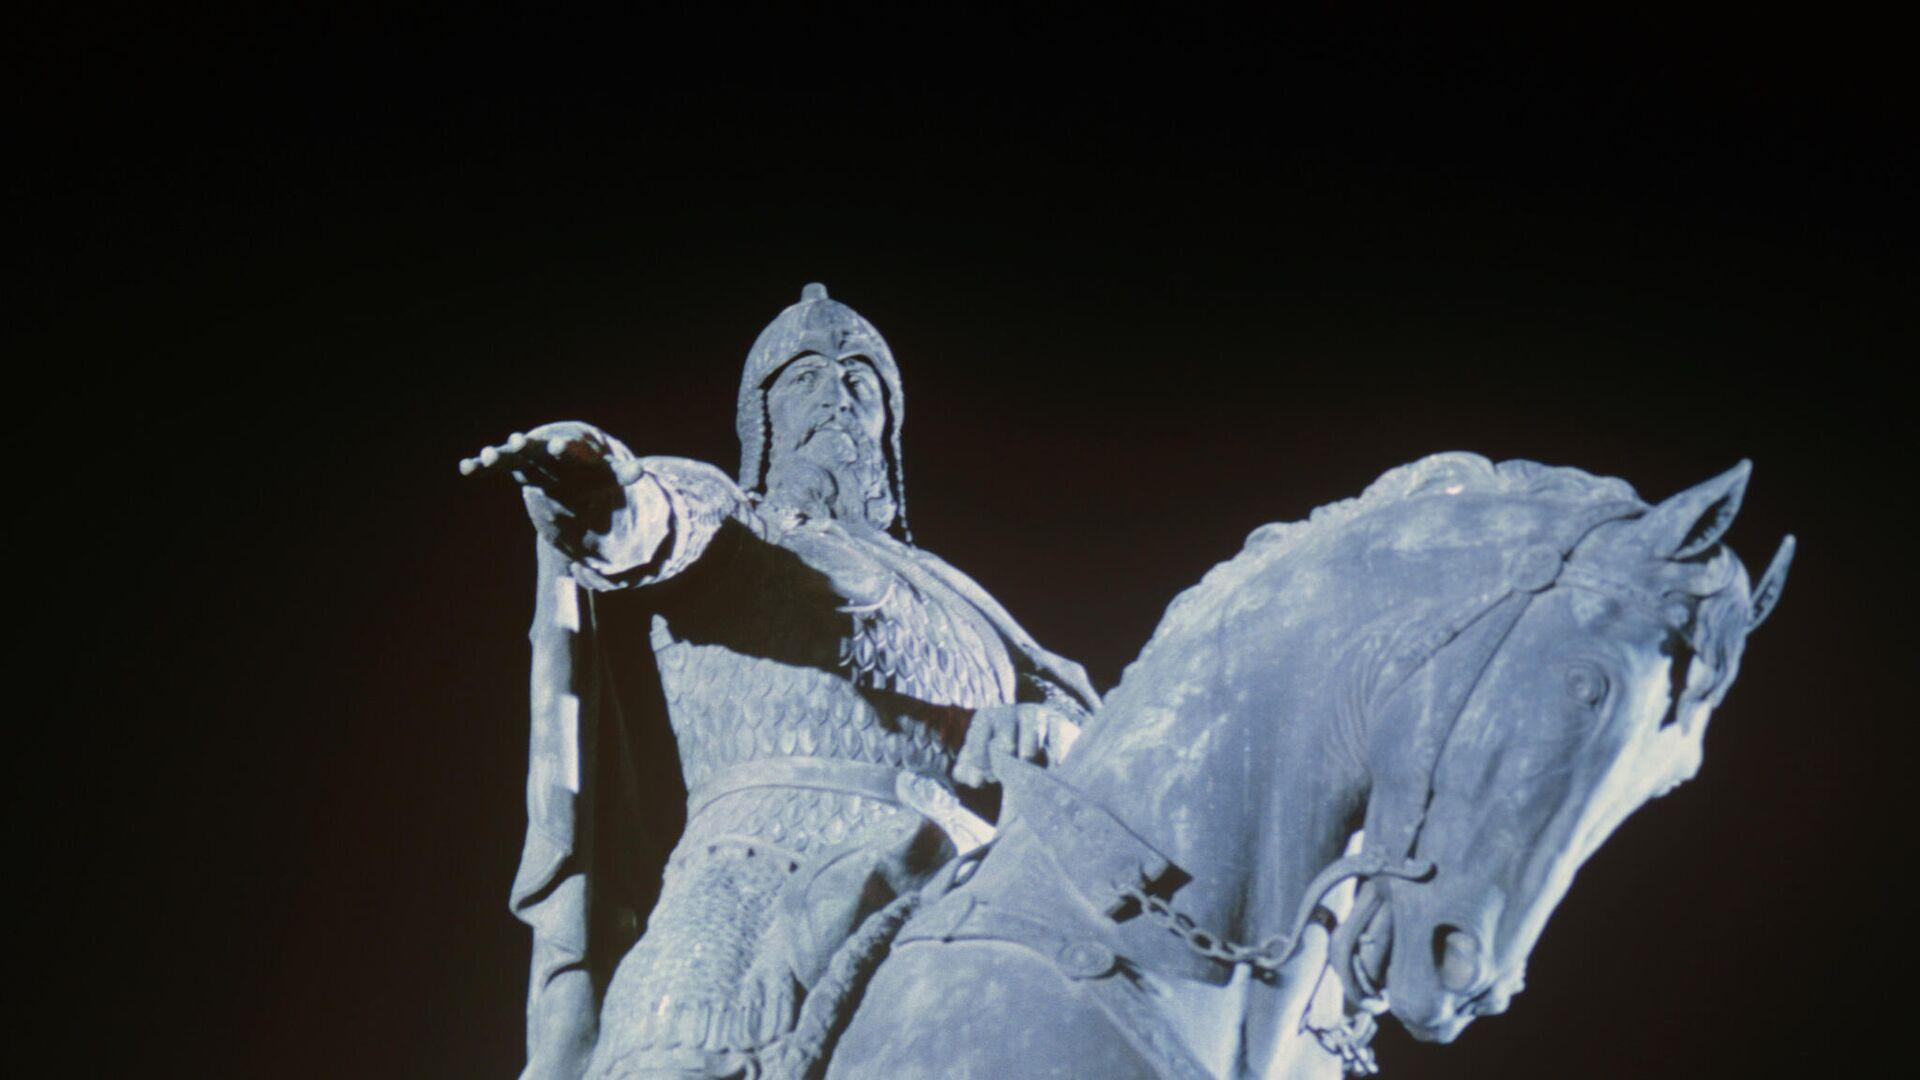 Памятник основателю Москвы Юрию Долгорукому - РИА Новости, 1920, 24.03.2021